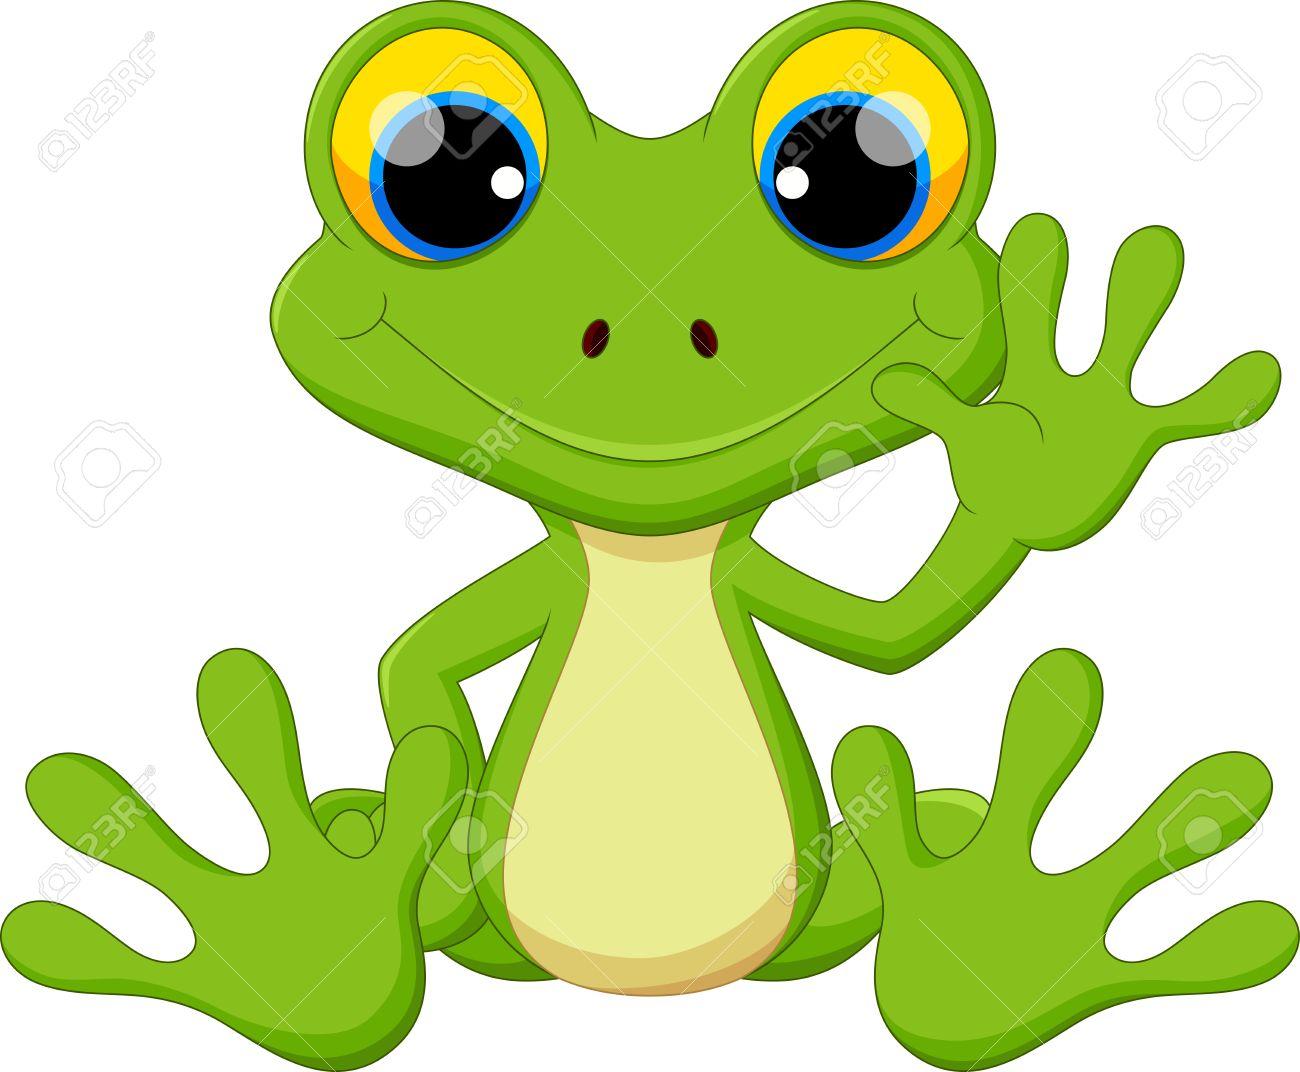 Cute frog cartoon sitting - 55360481